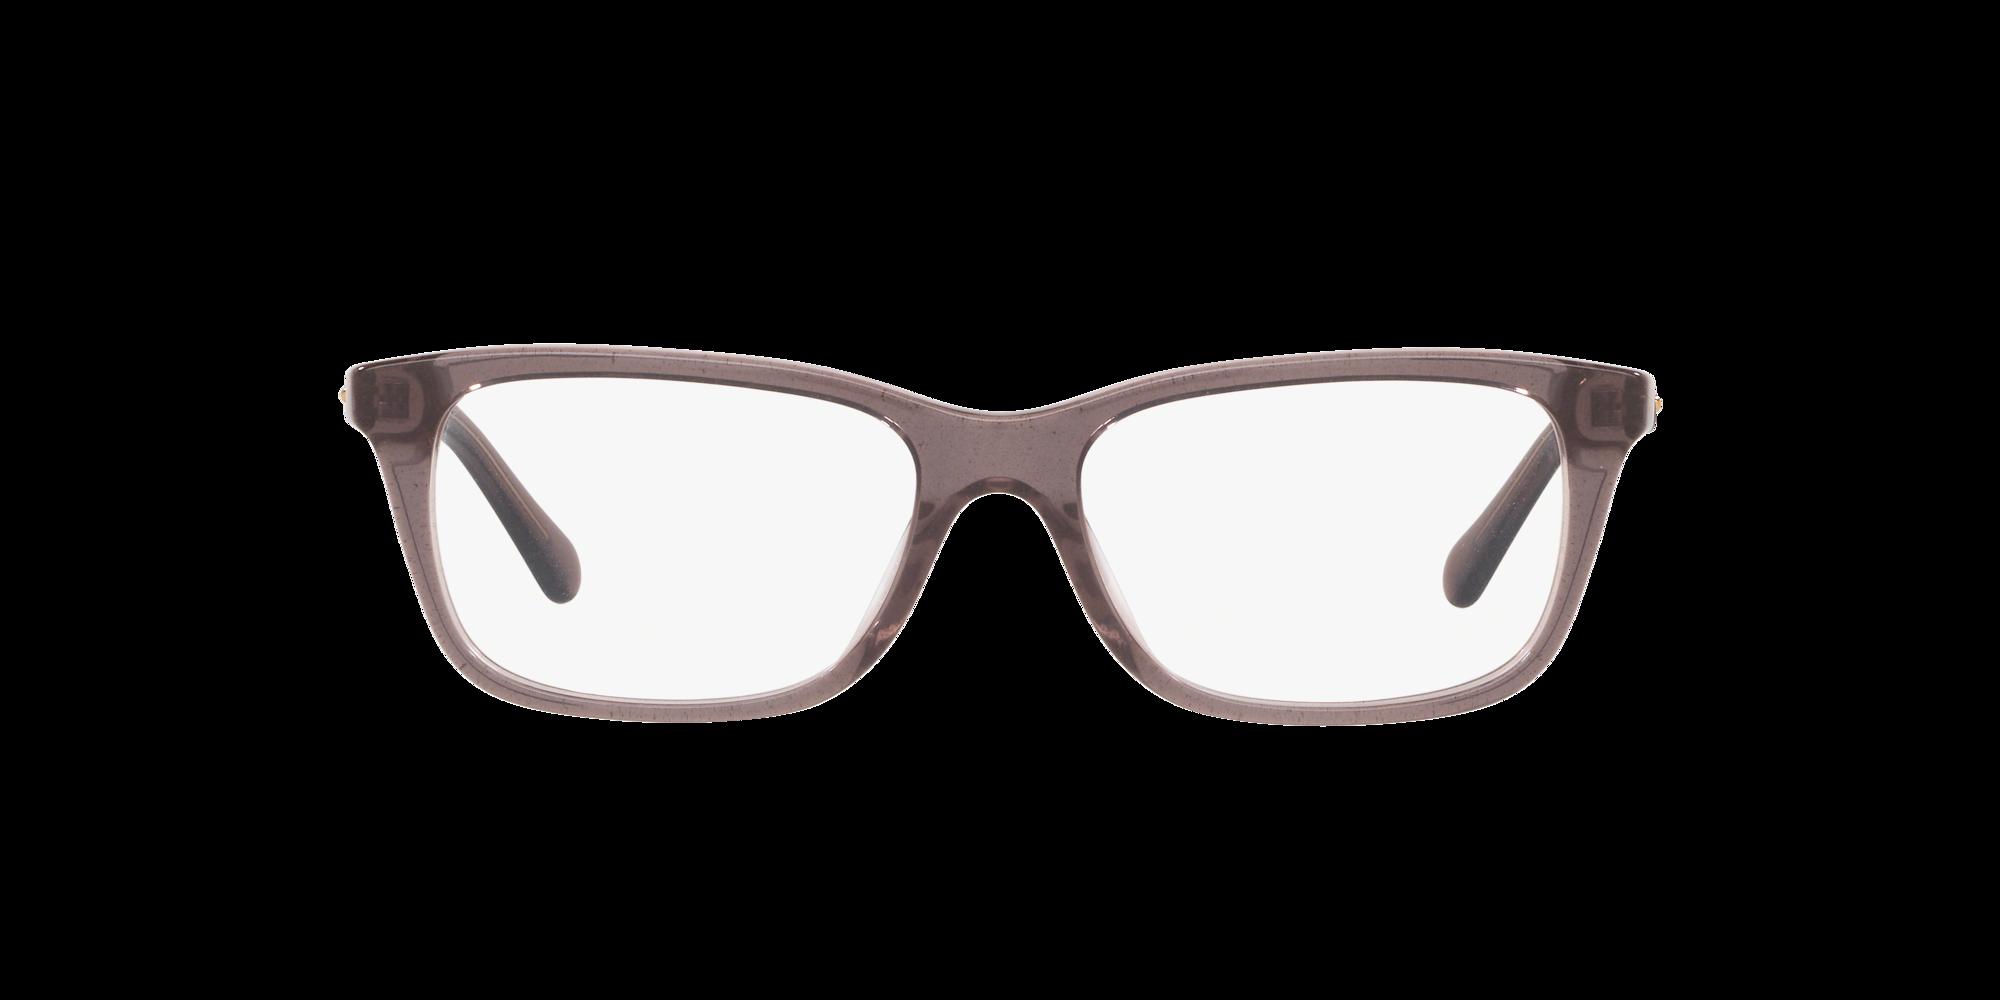 Imagen para HC6136U de LensCrafters |  Espejuelos, espejuelos graduados en línea, gafas